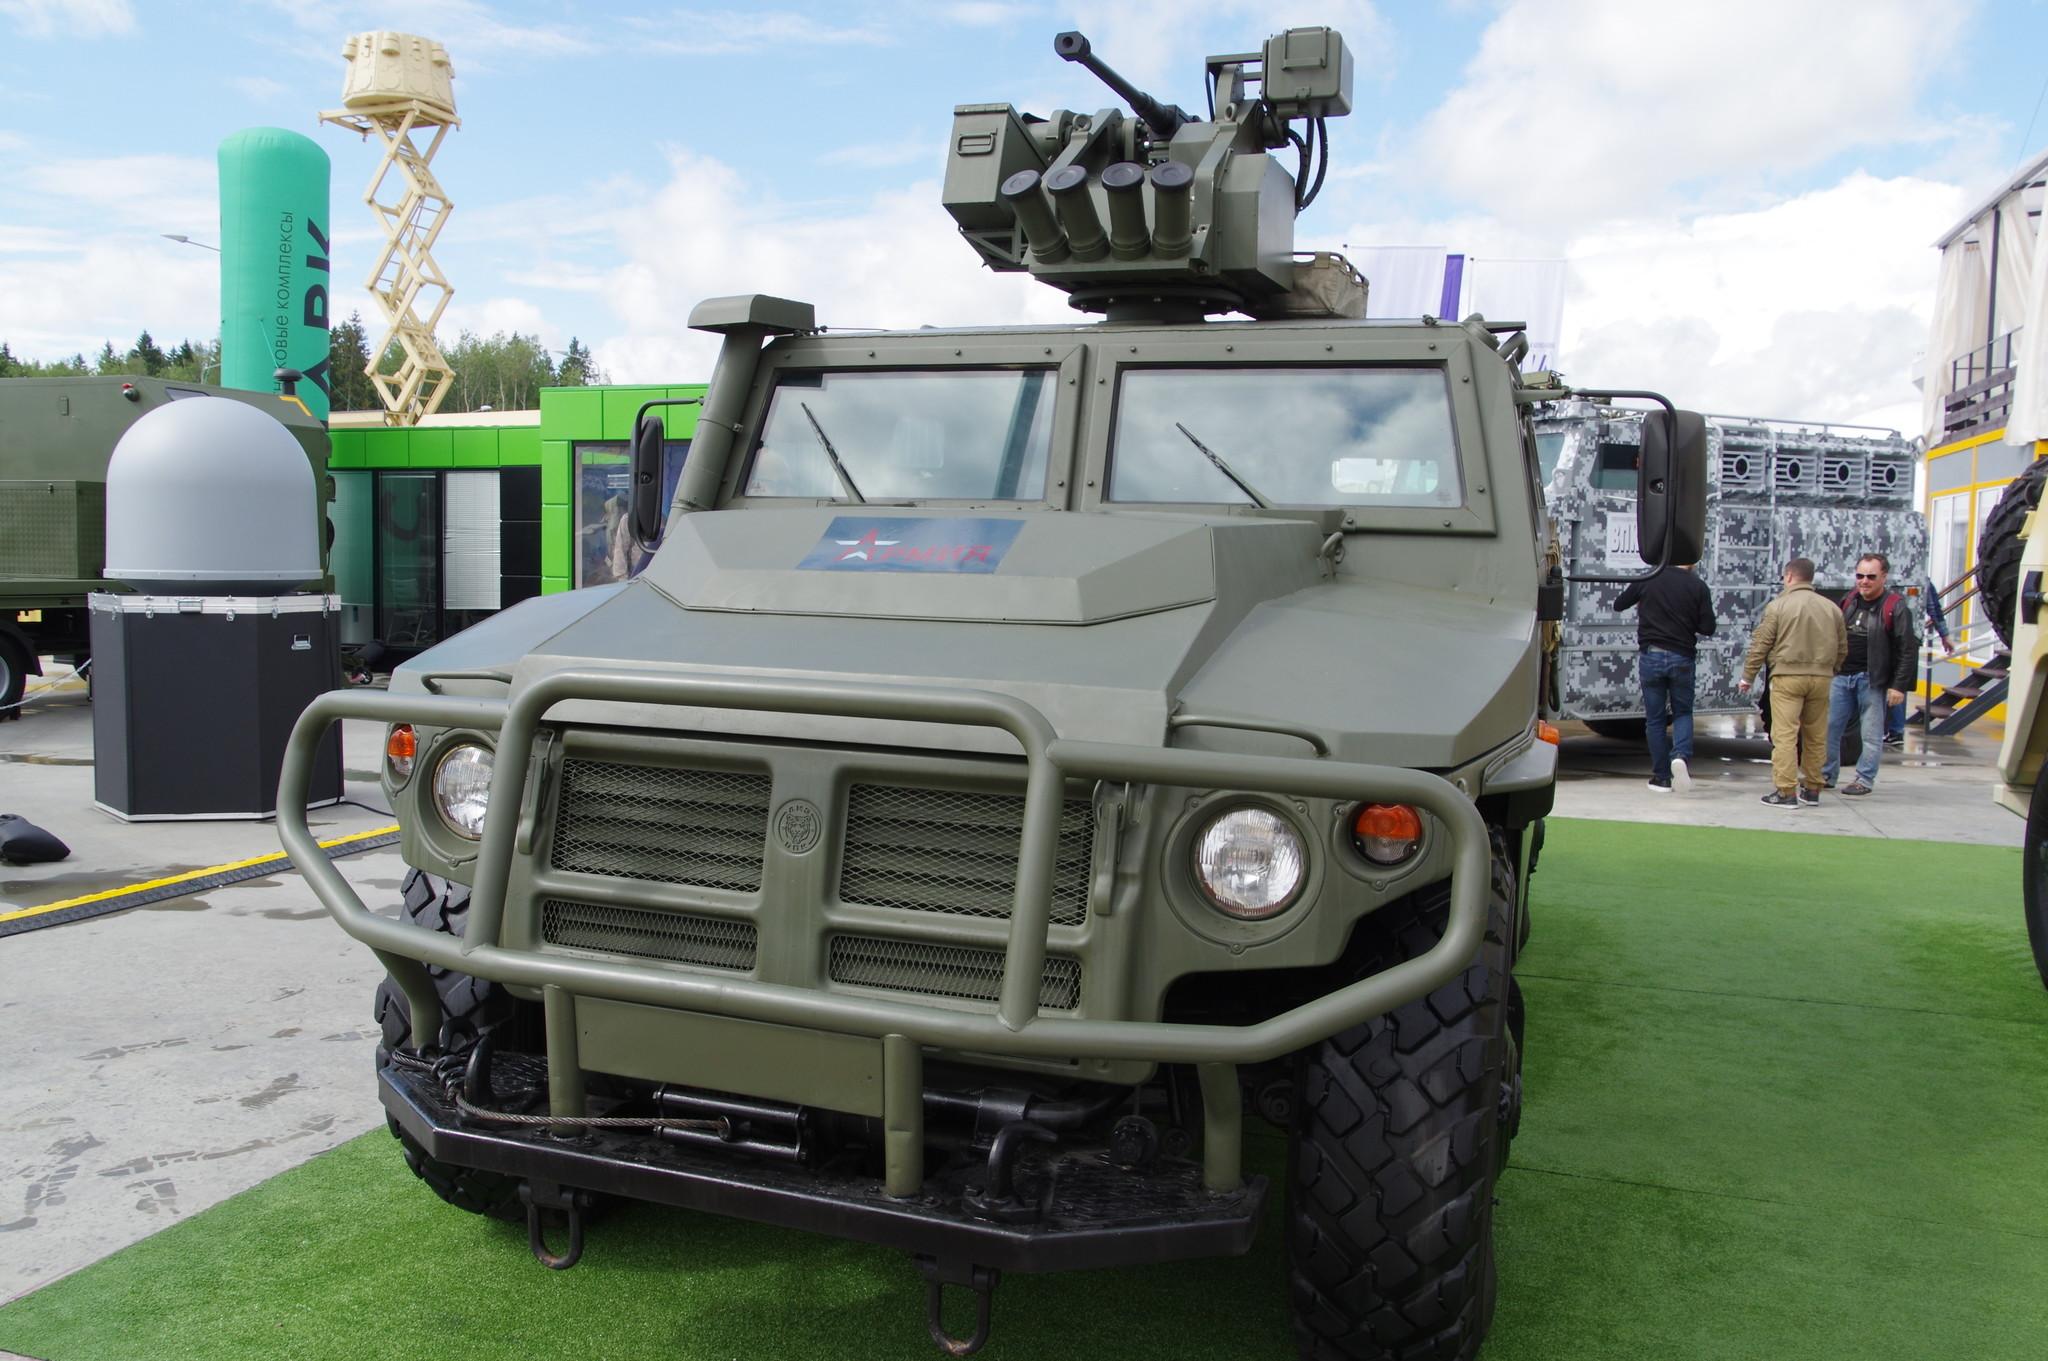 Бронеавтомобиль многоцелевого назначения «Тигр-М» АМН 233114, оснащённый дистанционно-управляемым модулем «Арбалет-ДМ» с 23-мм автоматической пушкой АП-23